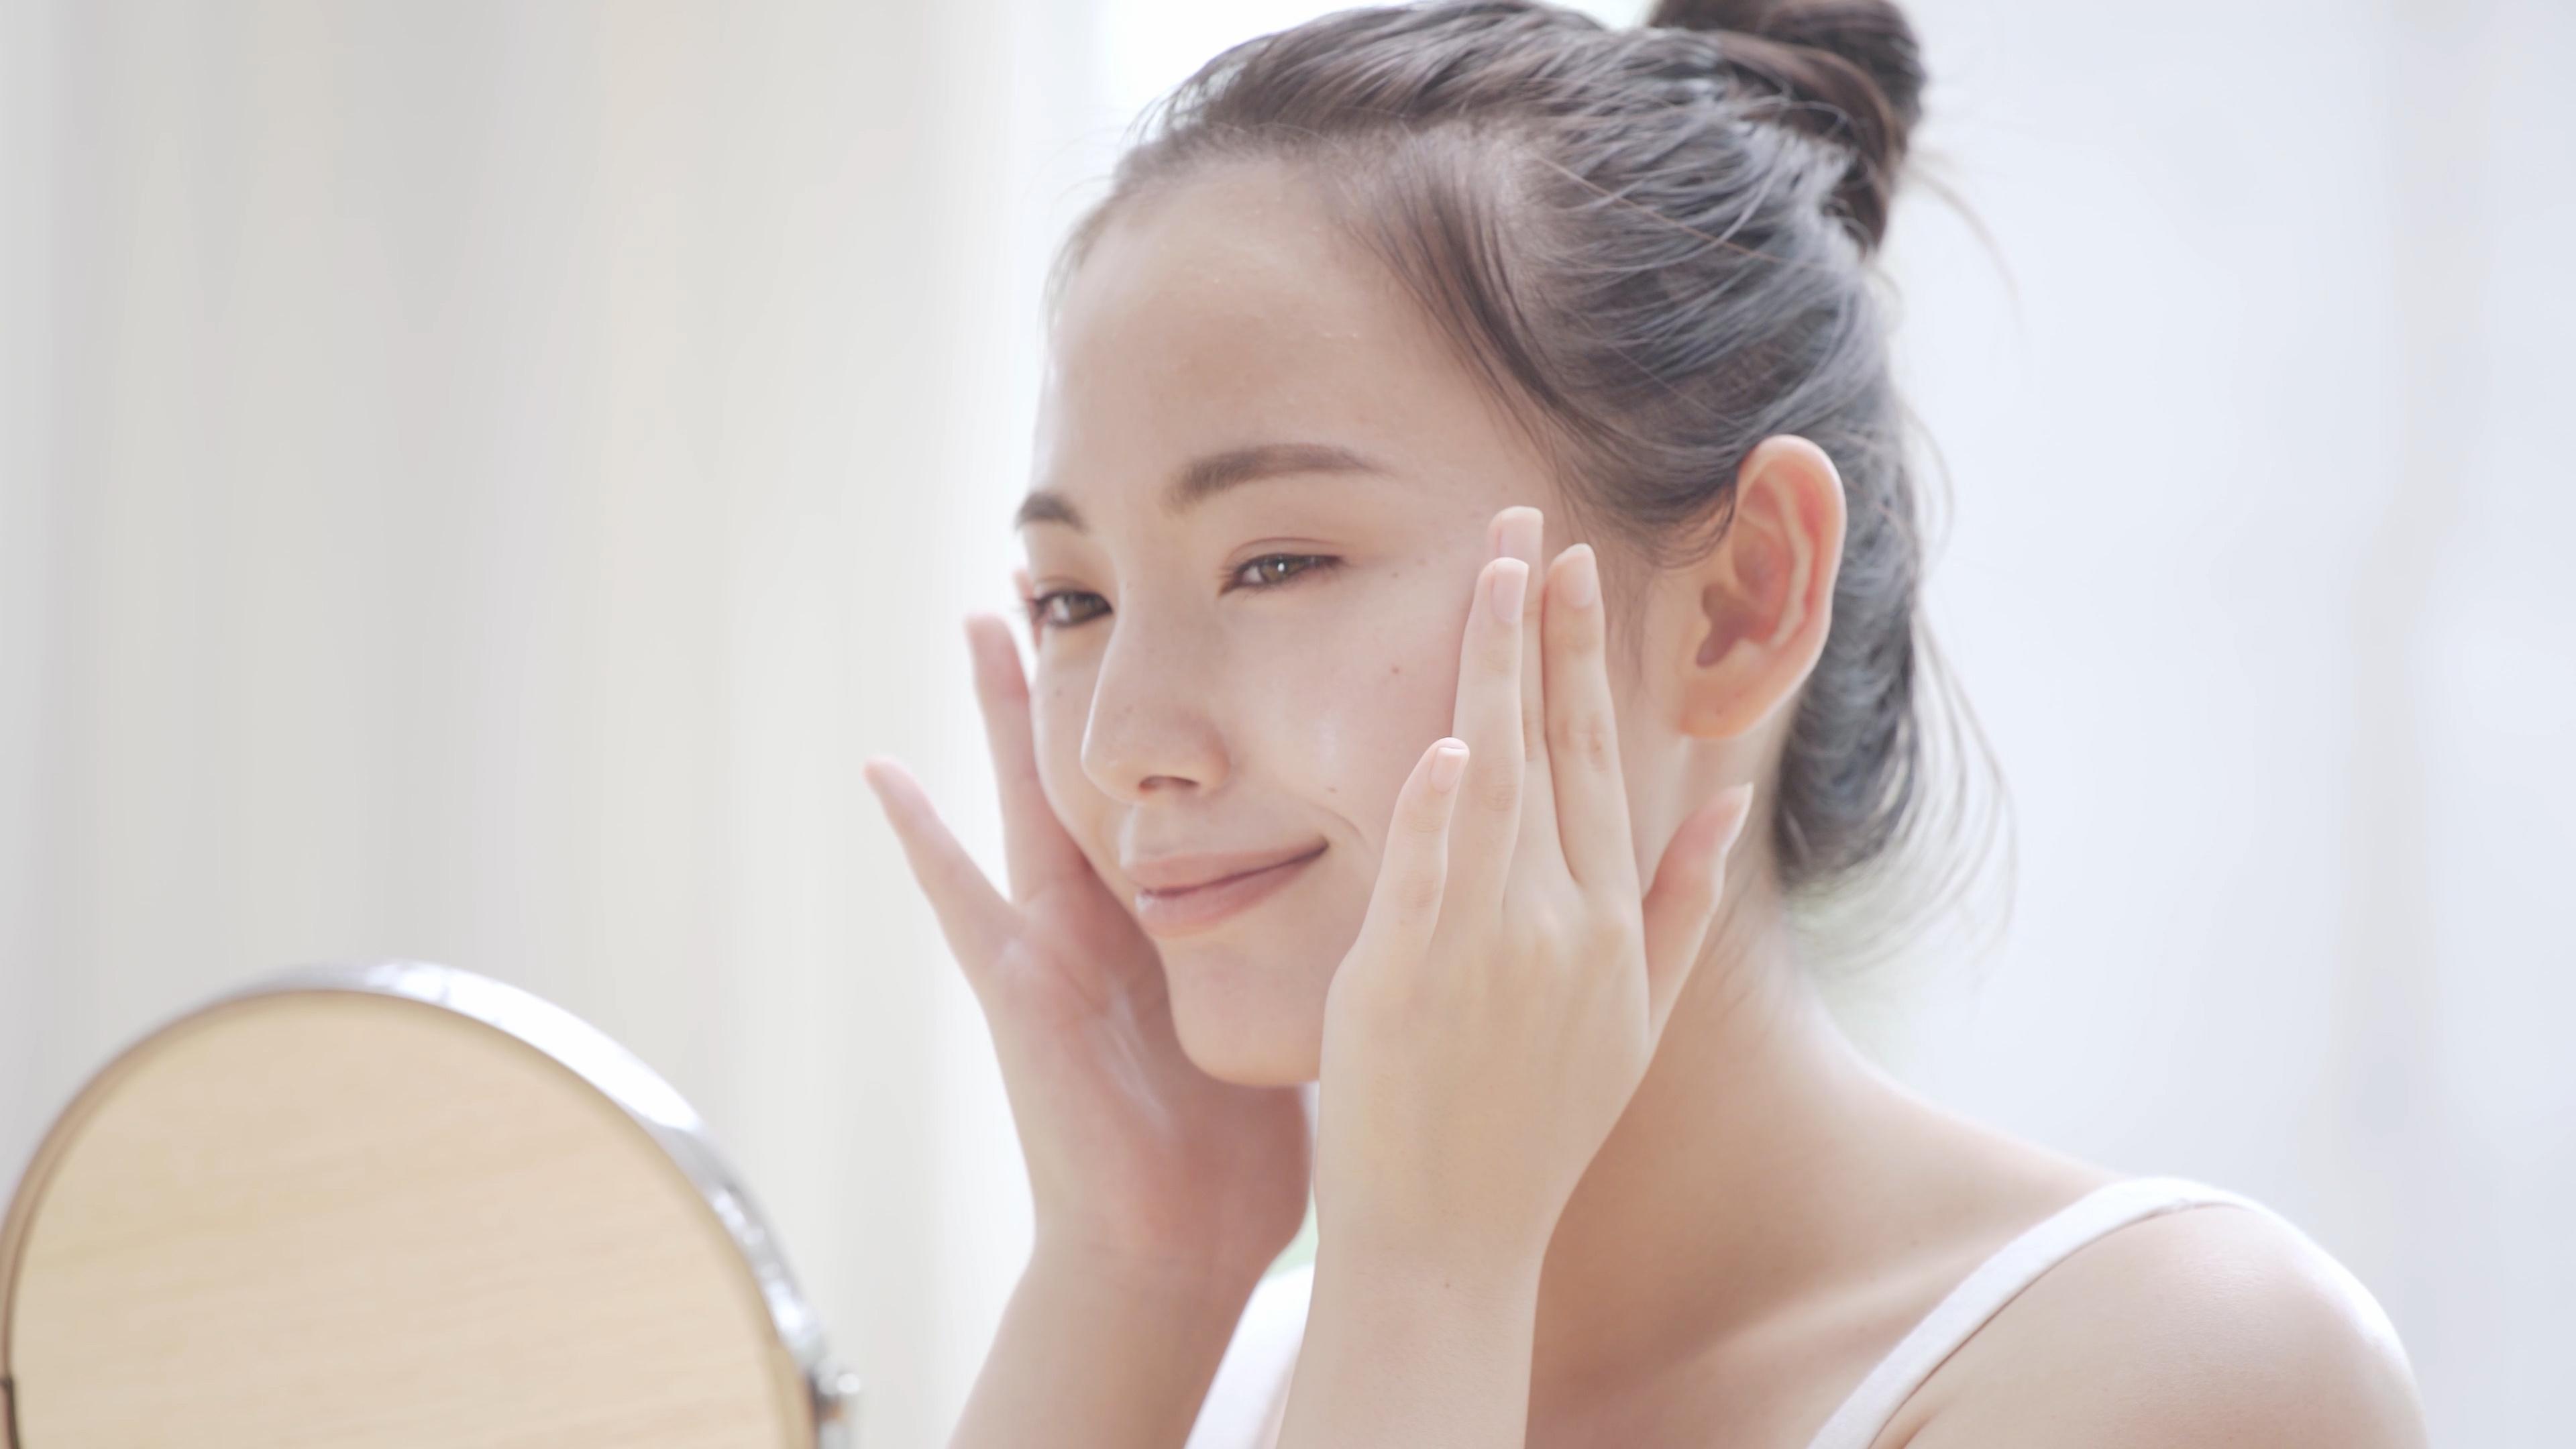 朝のスキンケアは保湿と日中の肌ダメージへの対策を